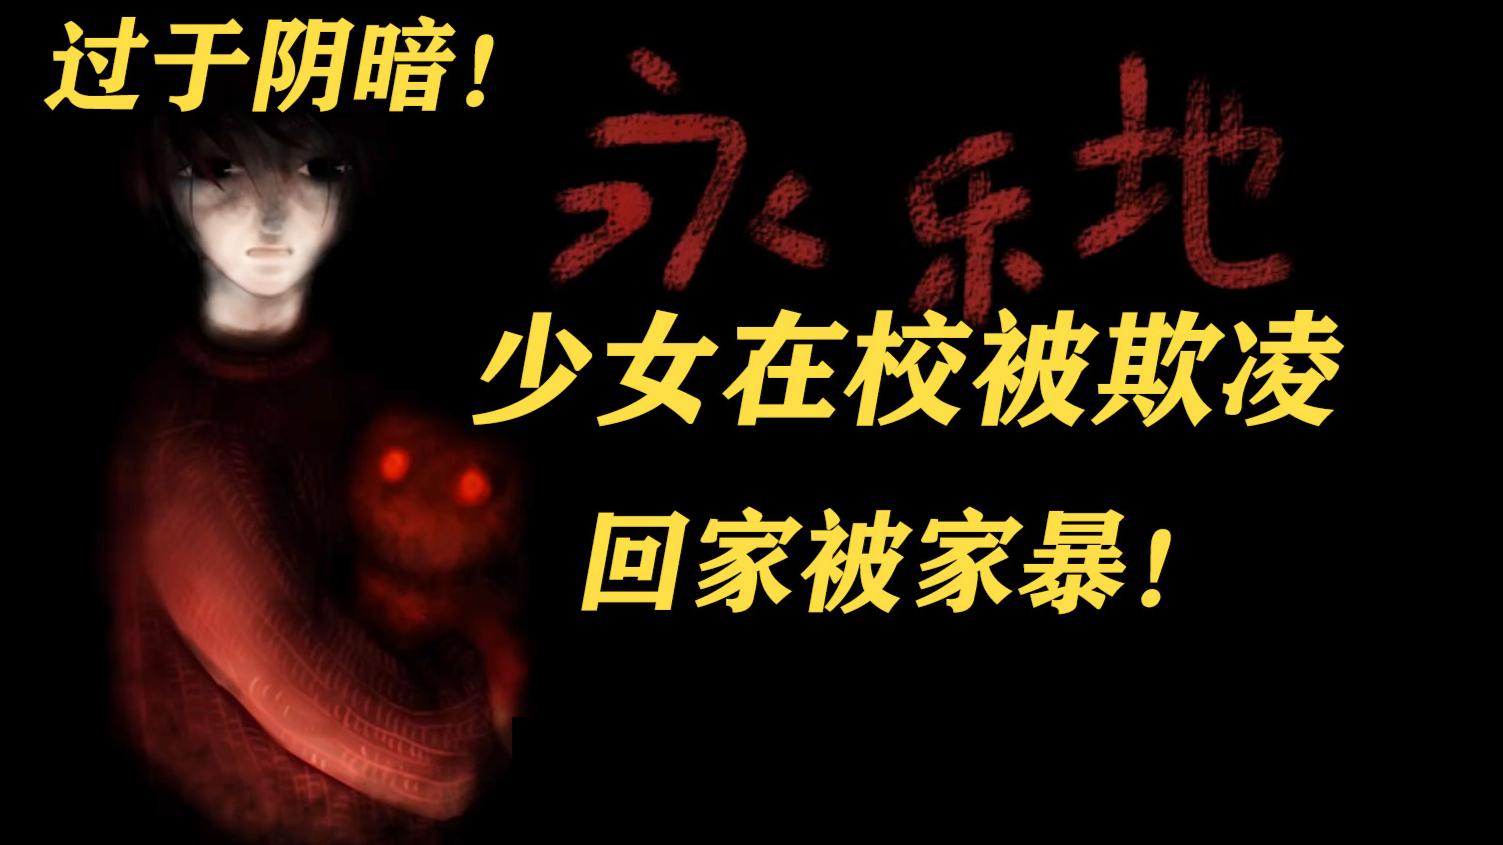 限制级15禁恐怖RPG游戏!《永乐地》结局